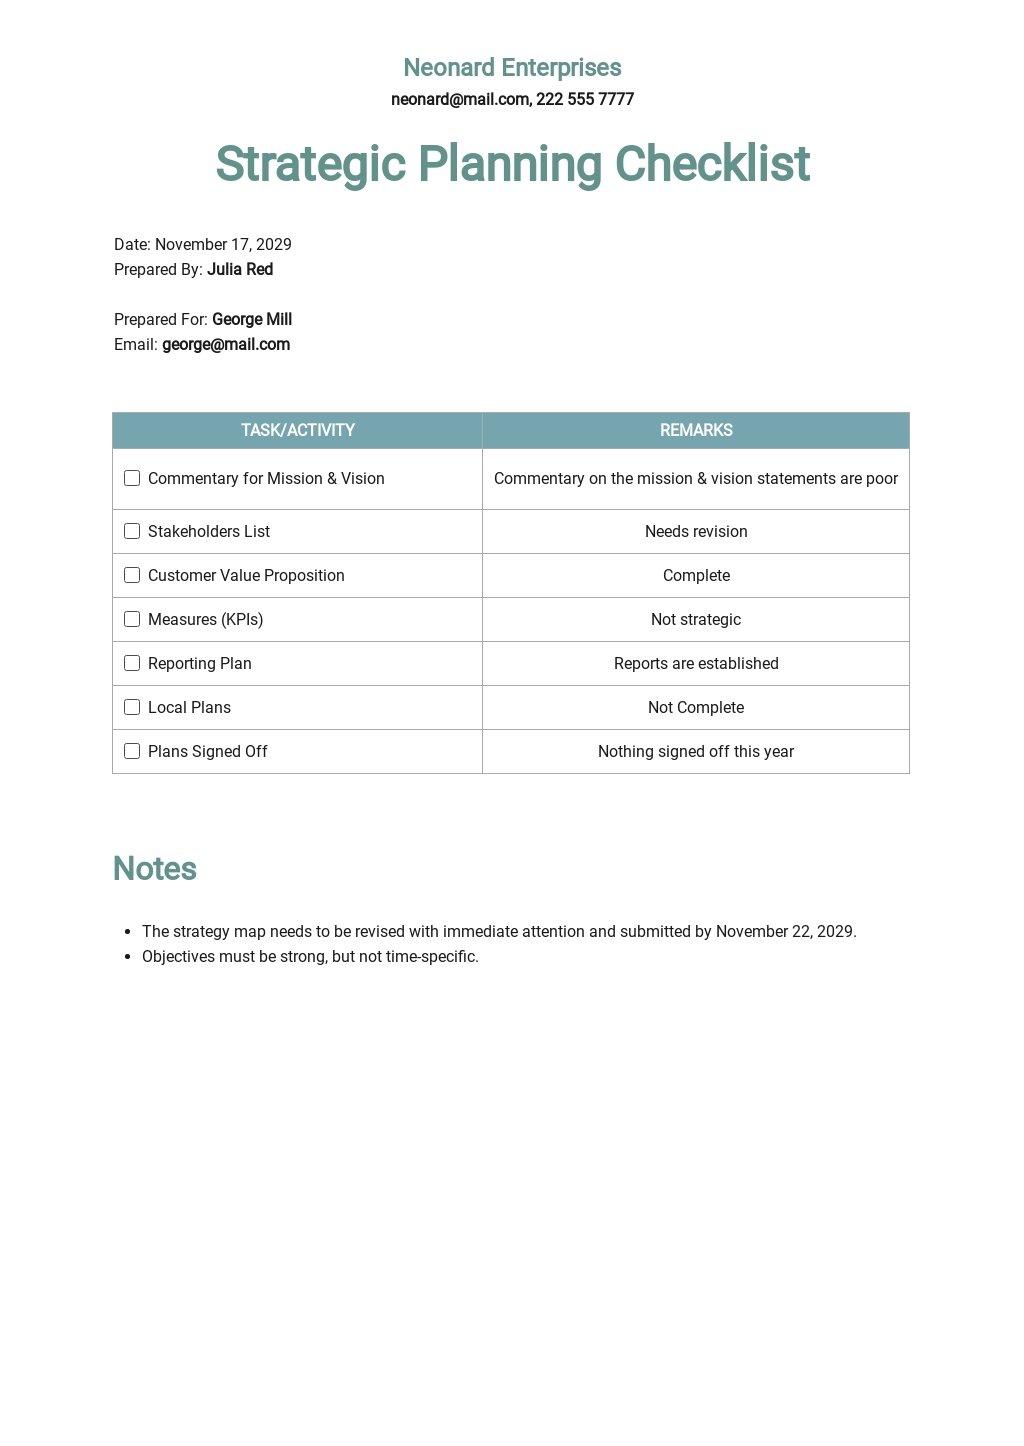 Strategic Planning Checklist Template